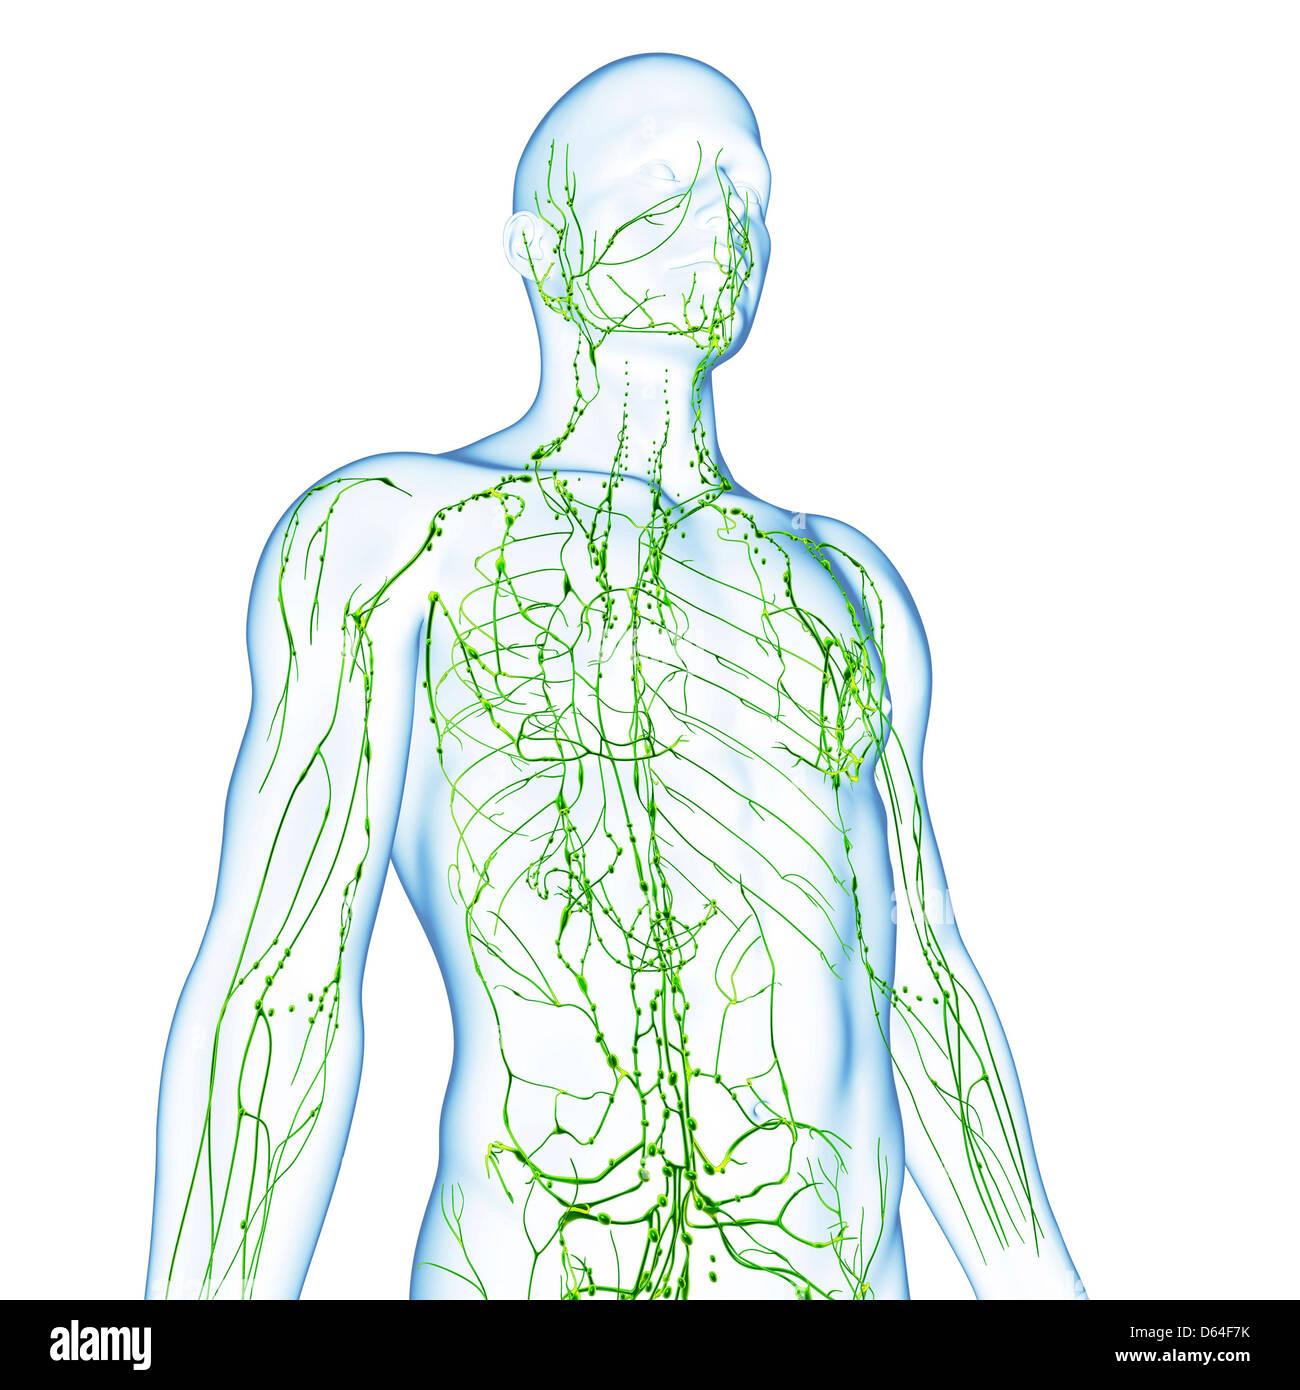 Ungewöhnlich Menschliche Lymphsystem Diagramm Bilder - Menschliche ...